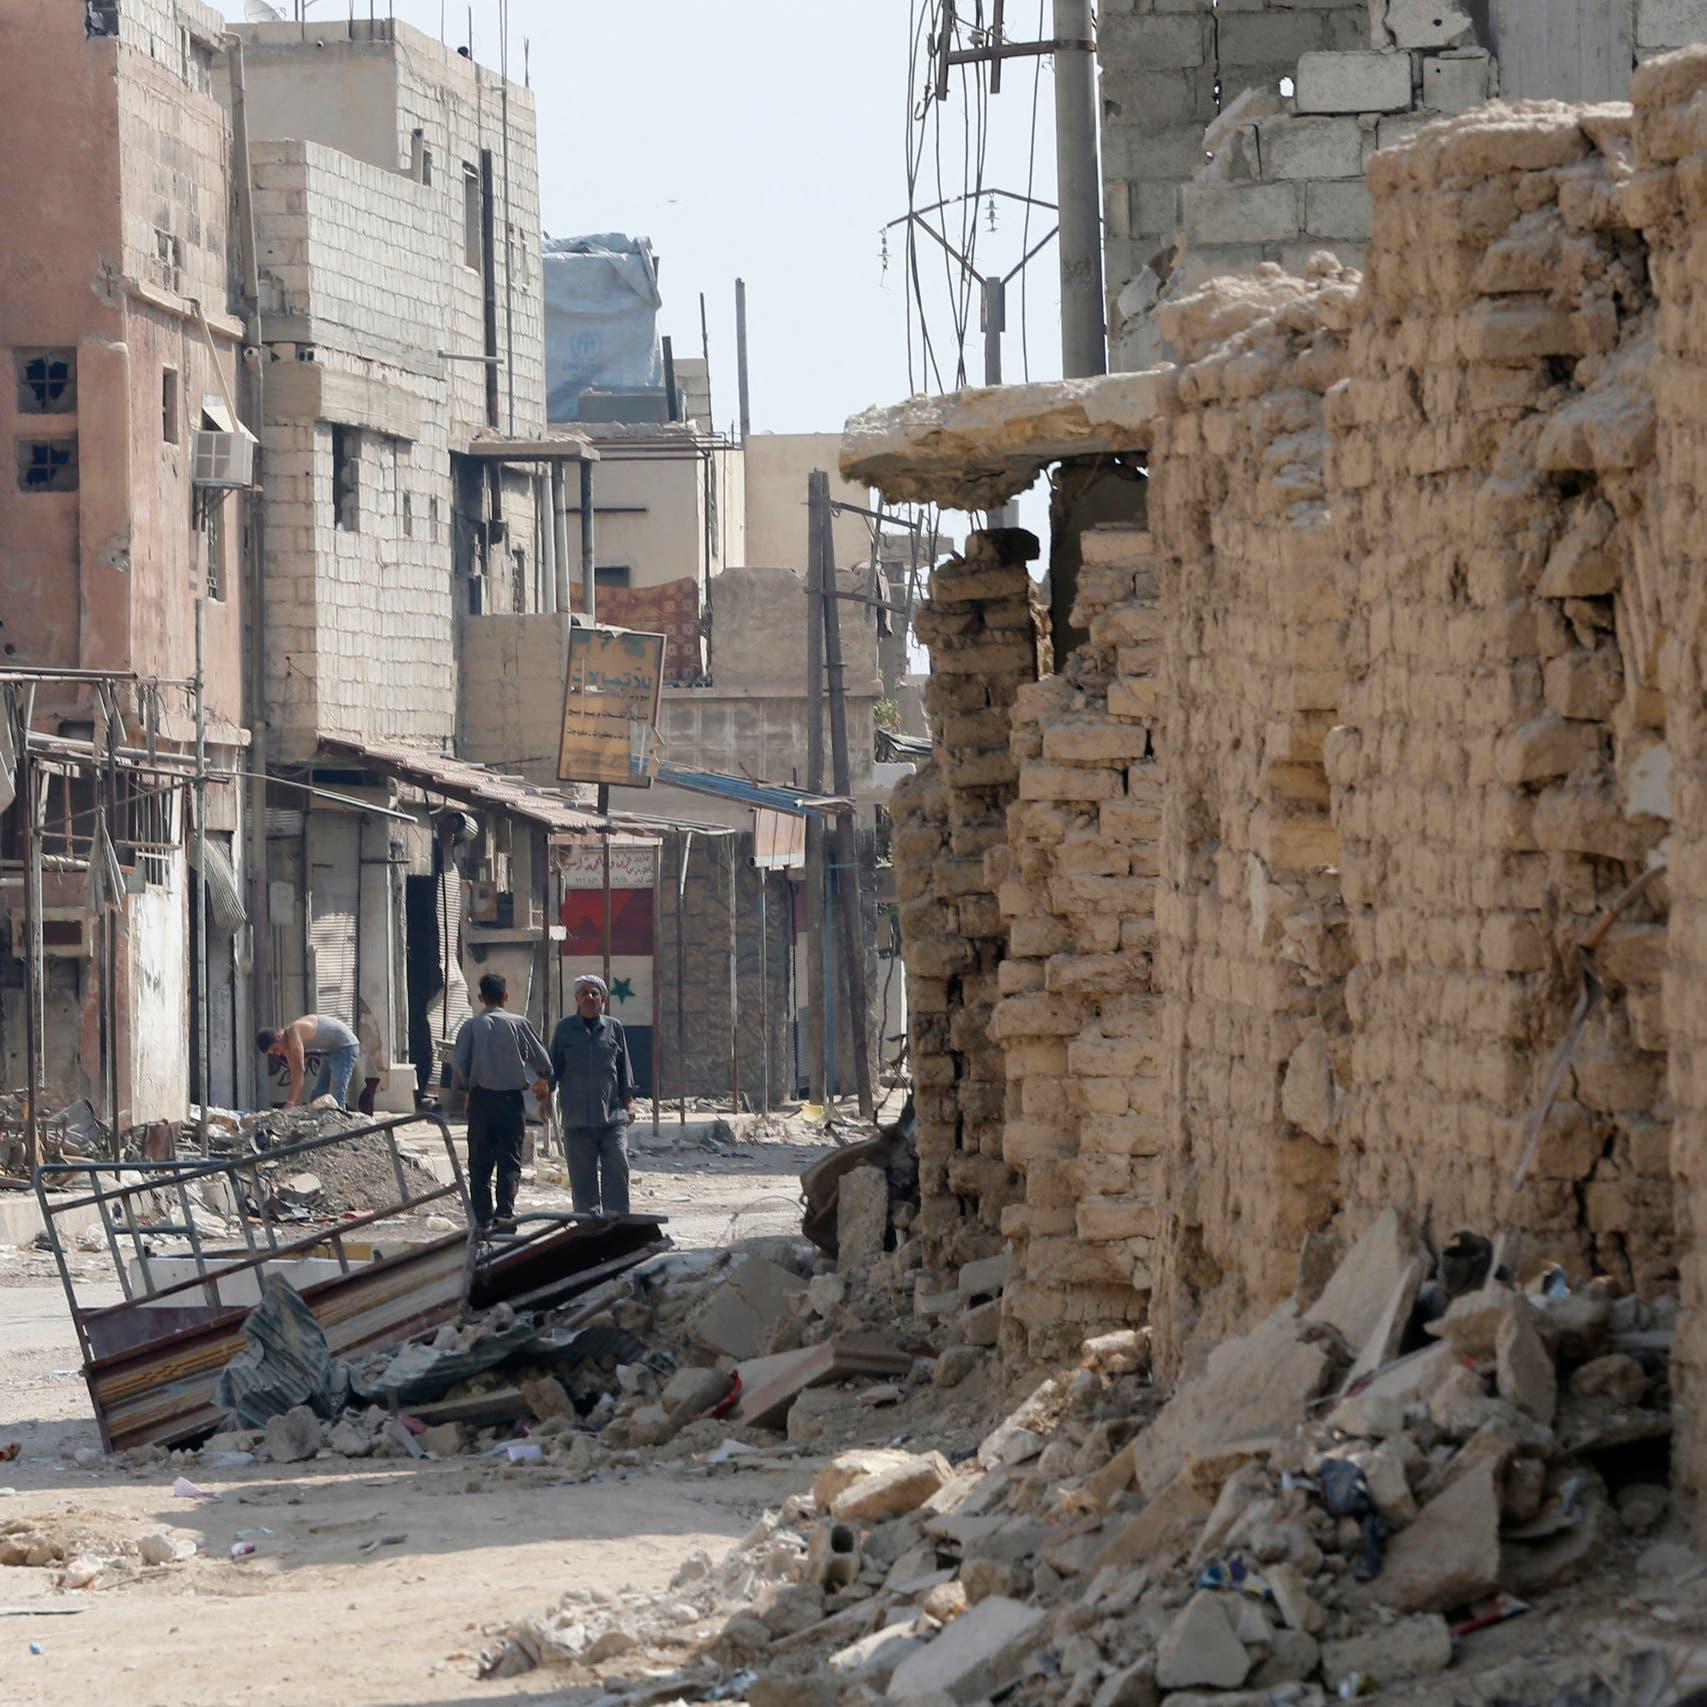 من دمشق إلى حمص ودير الزور.. تسلل إيراني عقاري